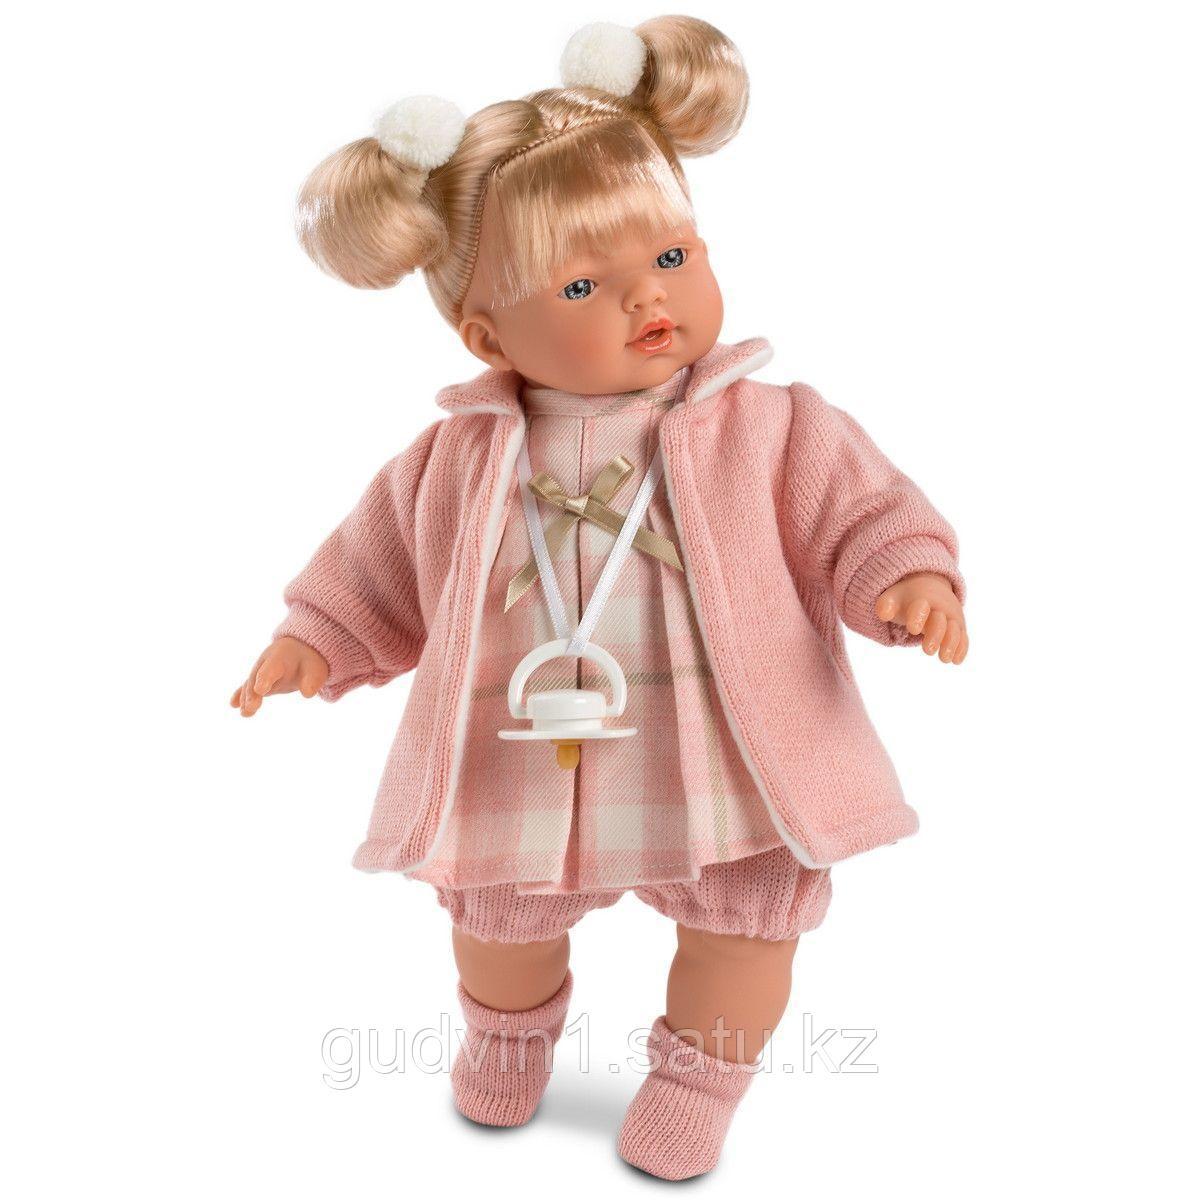 LLORENS: Кукла малышка Ариана 33 см, блондинка в розовом пальто 33112